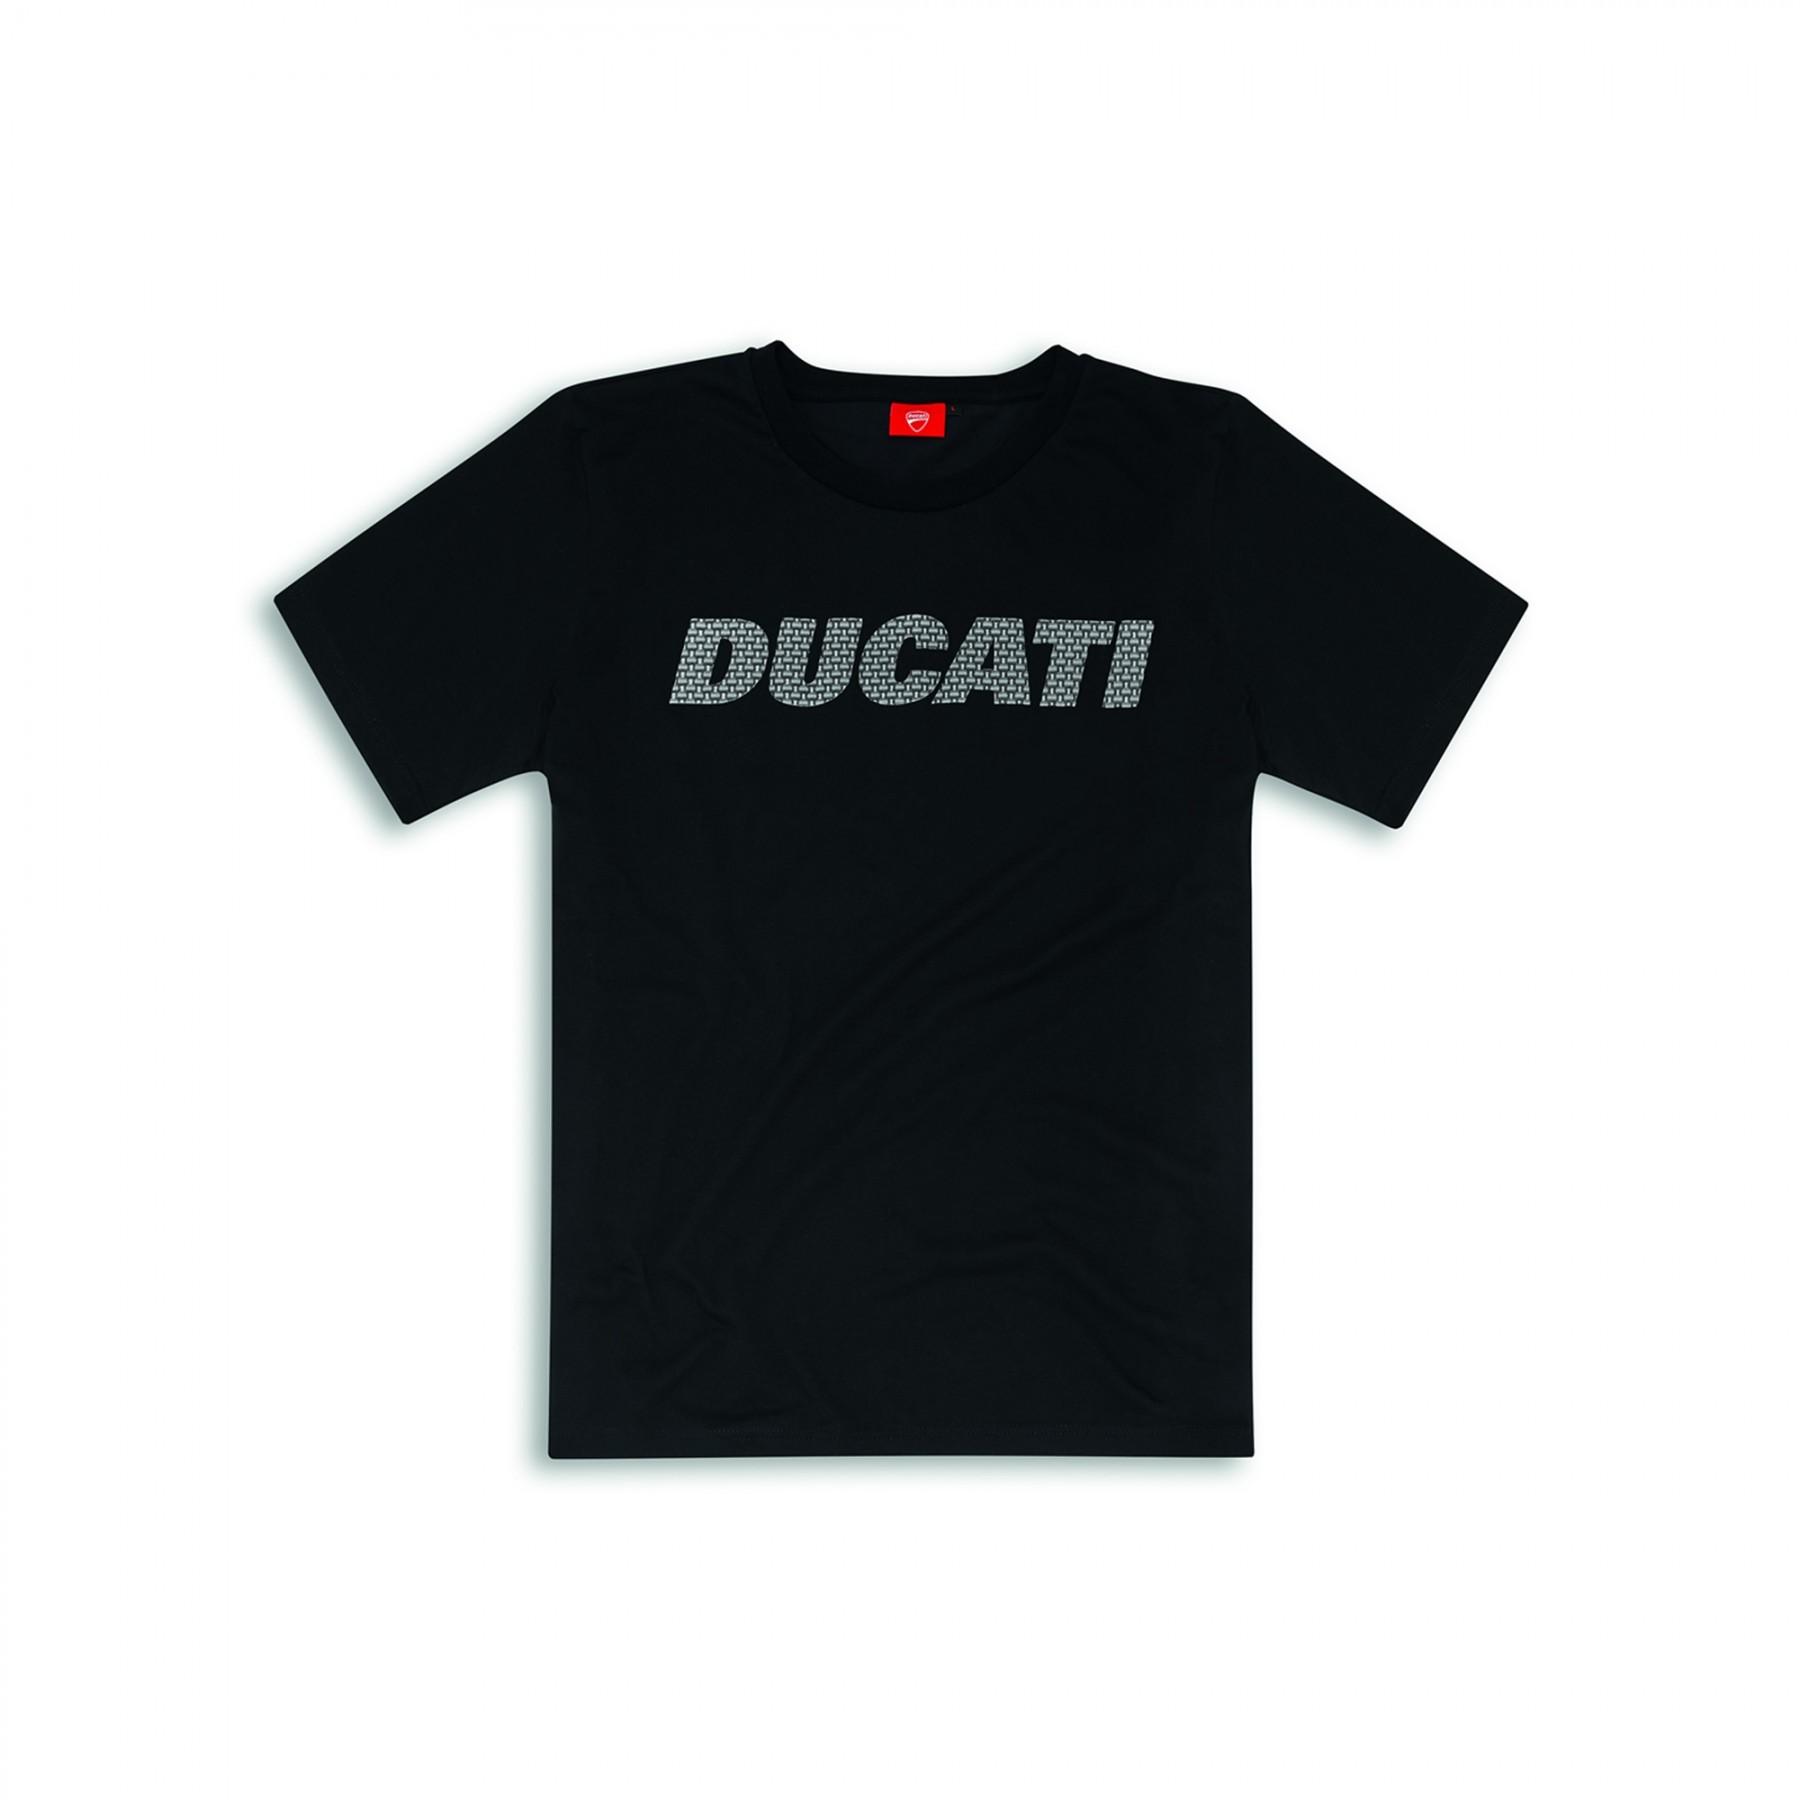 Brooklyn Cafe - T-shirt 987697413